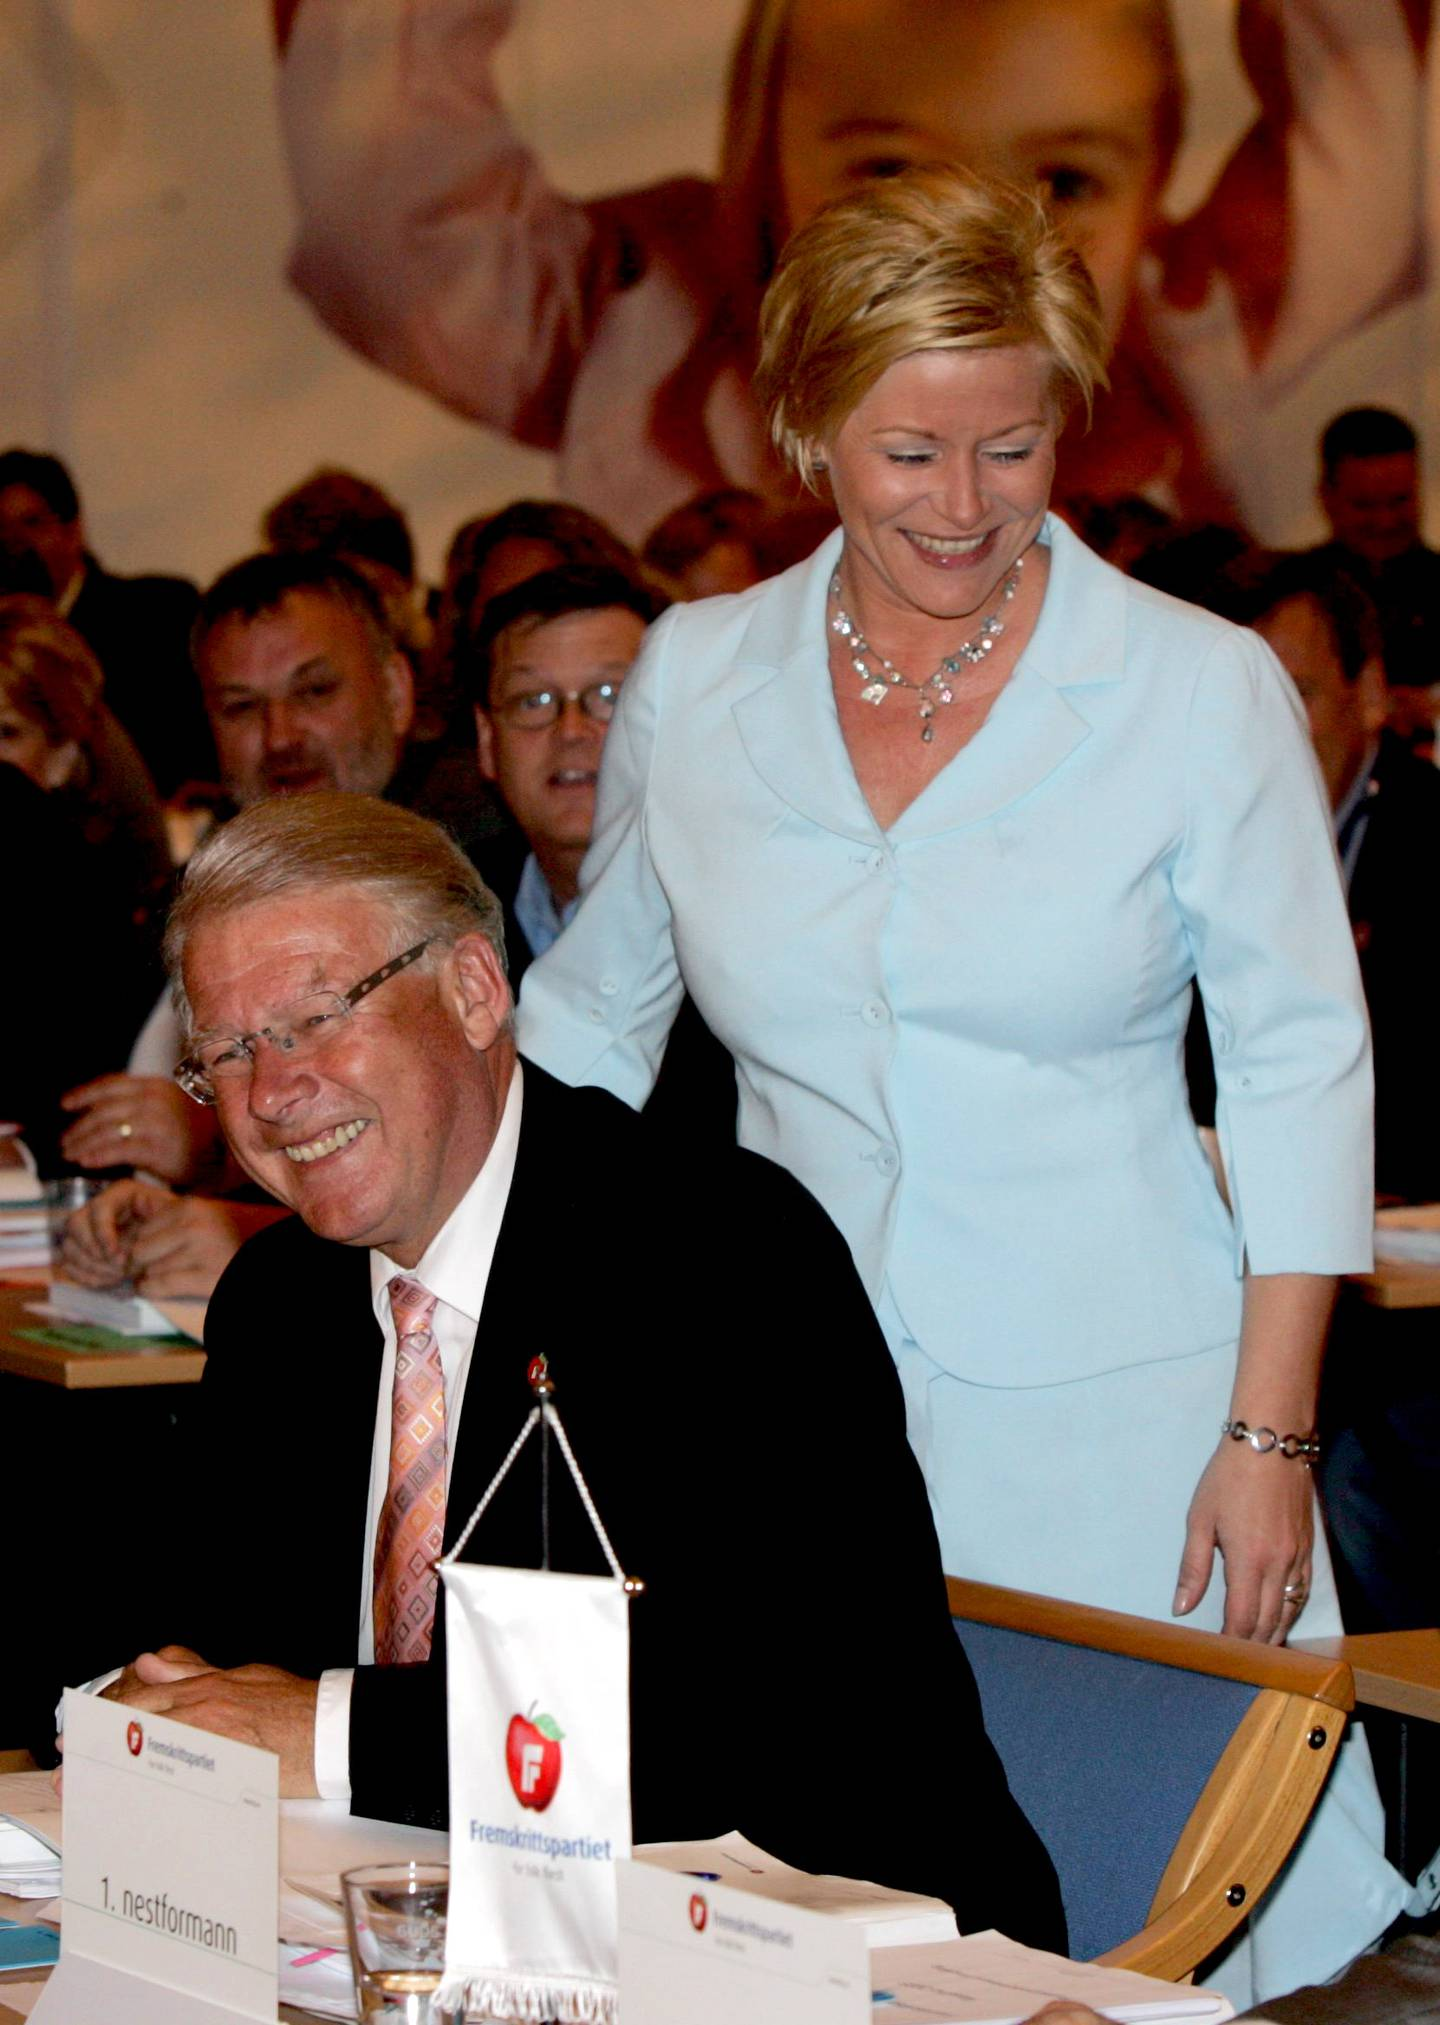 Ålesund 20050522 Fremskrittspartiets landsmøte. Partiformann Carl I. Hagen og 1. nestleder Siv Jensen  i landsmøtesalen søndag formiddag. Foto: Morten Holm / NTB